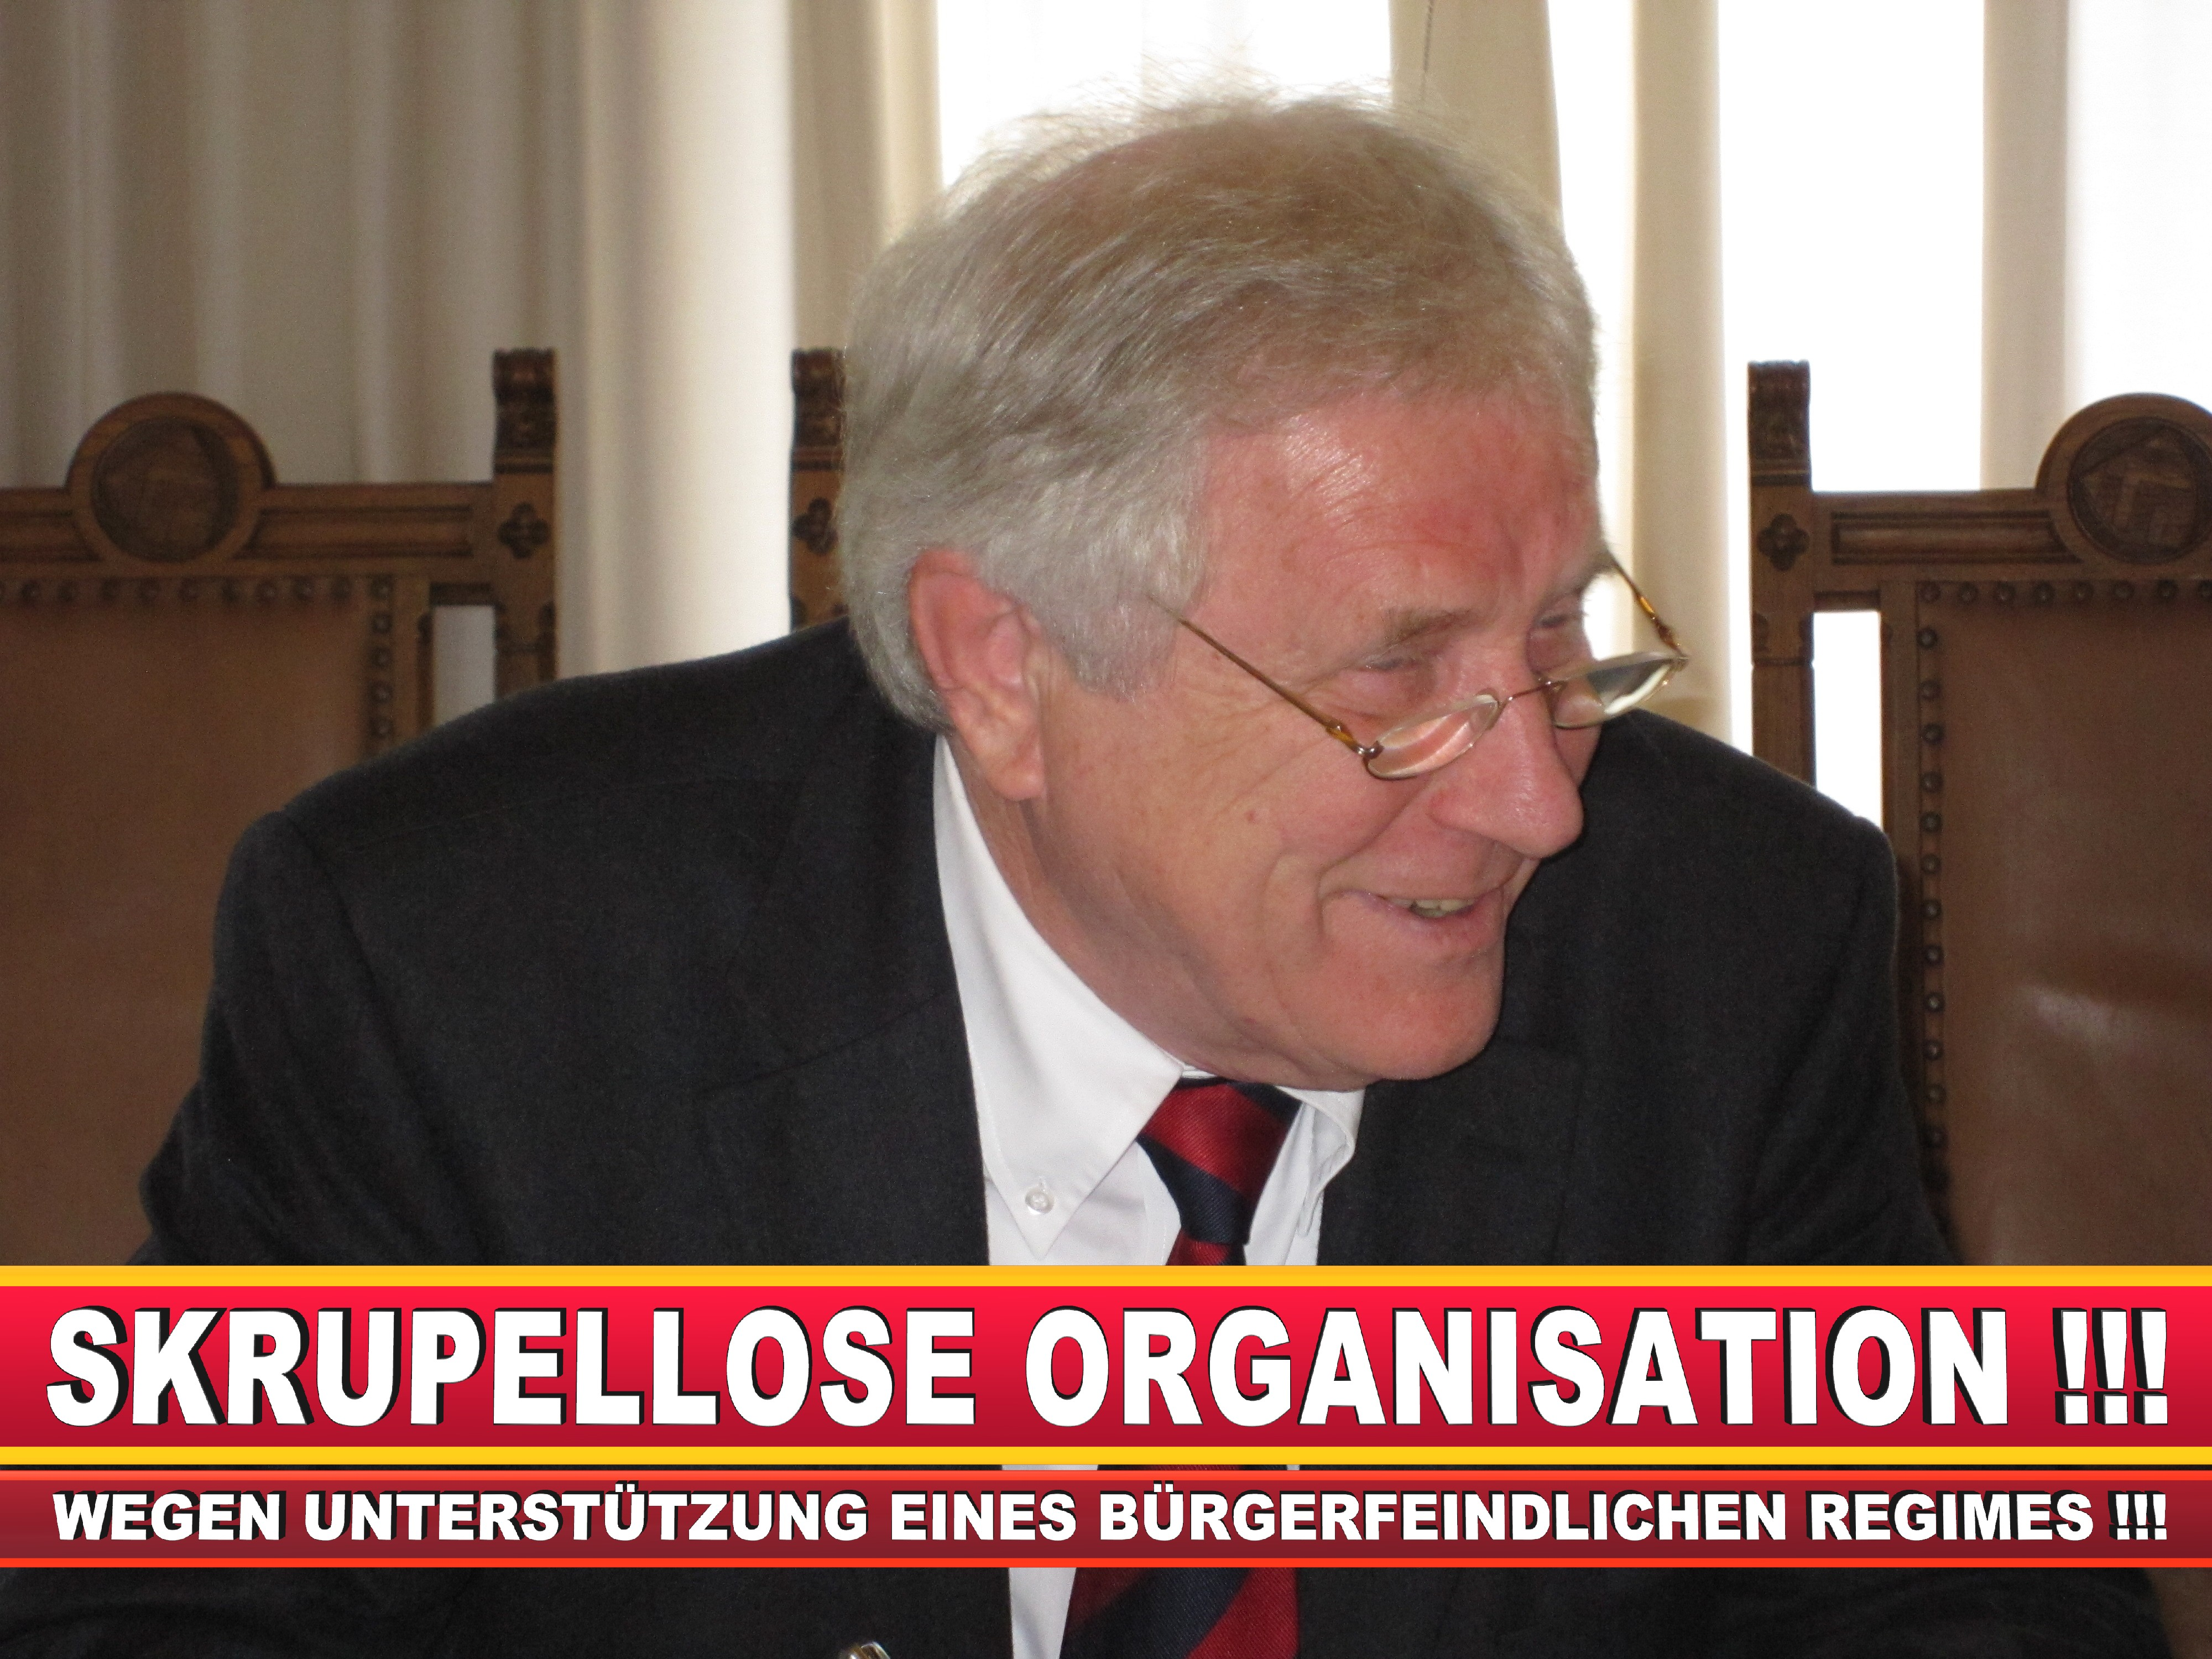 Polizeipräsident Erwin Südfeld Bielefeld Oberbürgermeister Bürgermeister Peter Clausen Pit Clausen Bielefeld (5)